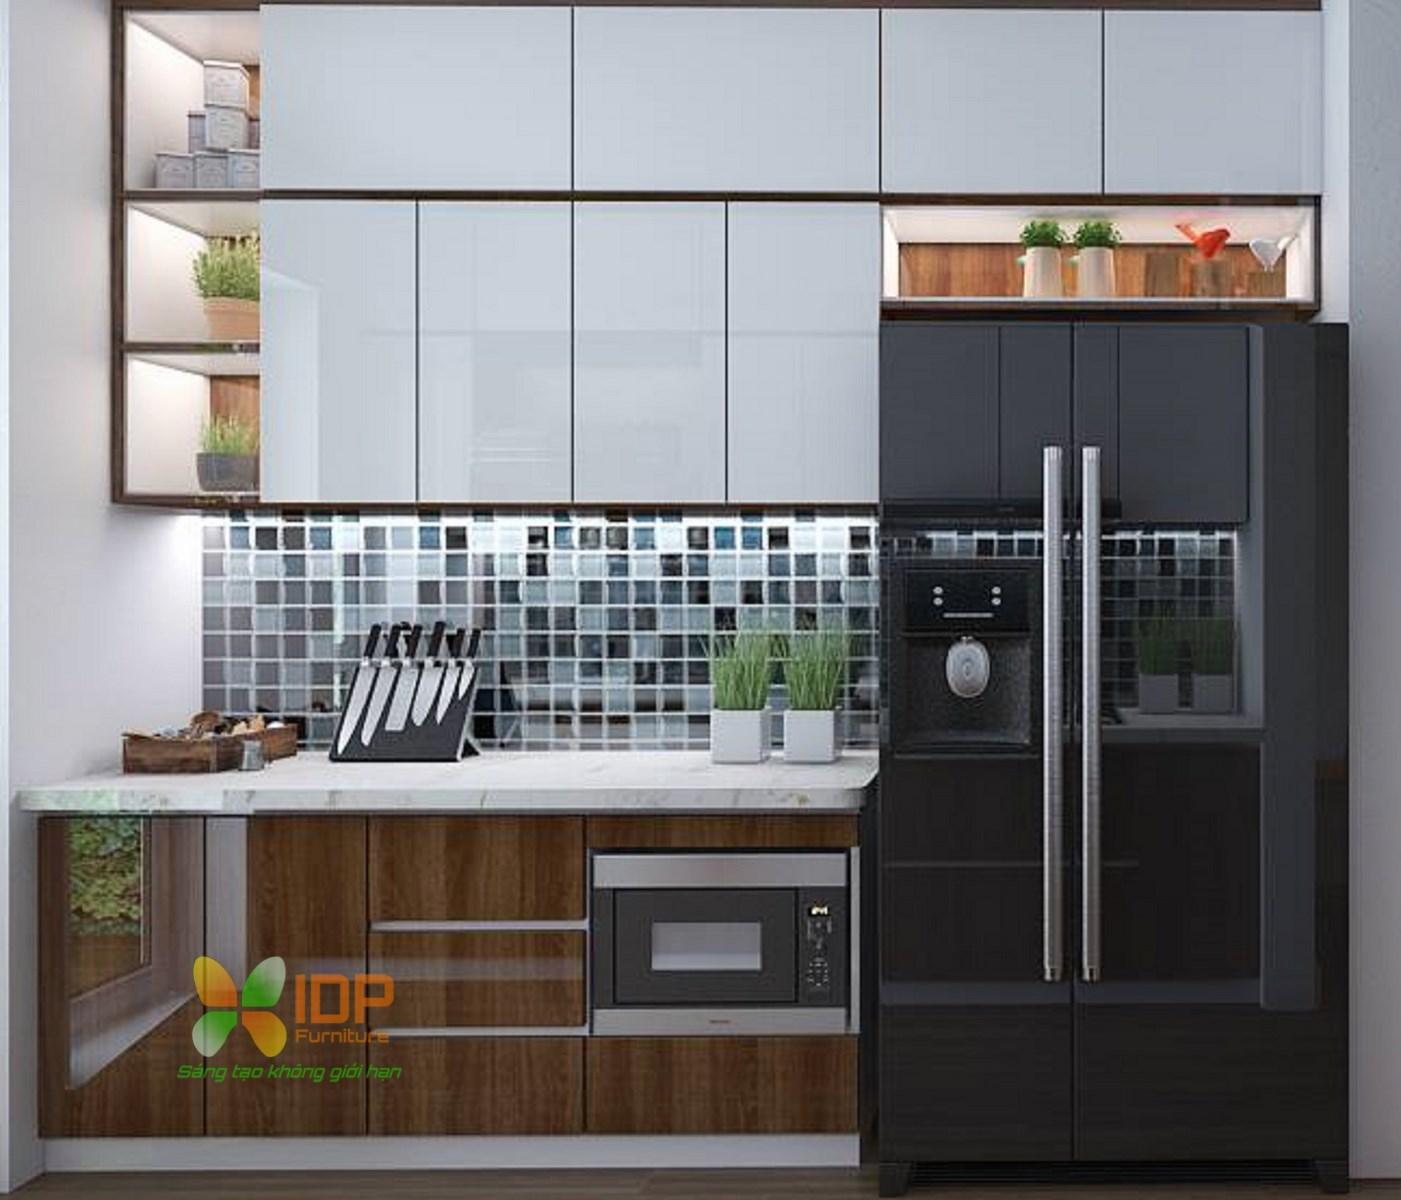 thiết kế tủ bếp nhỏ đẹp hiện đại hà nội